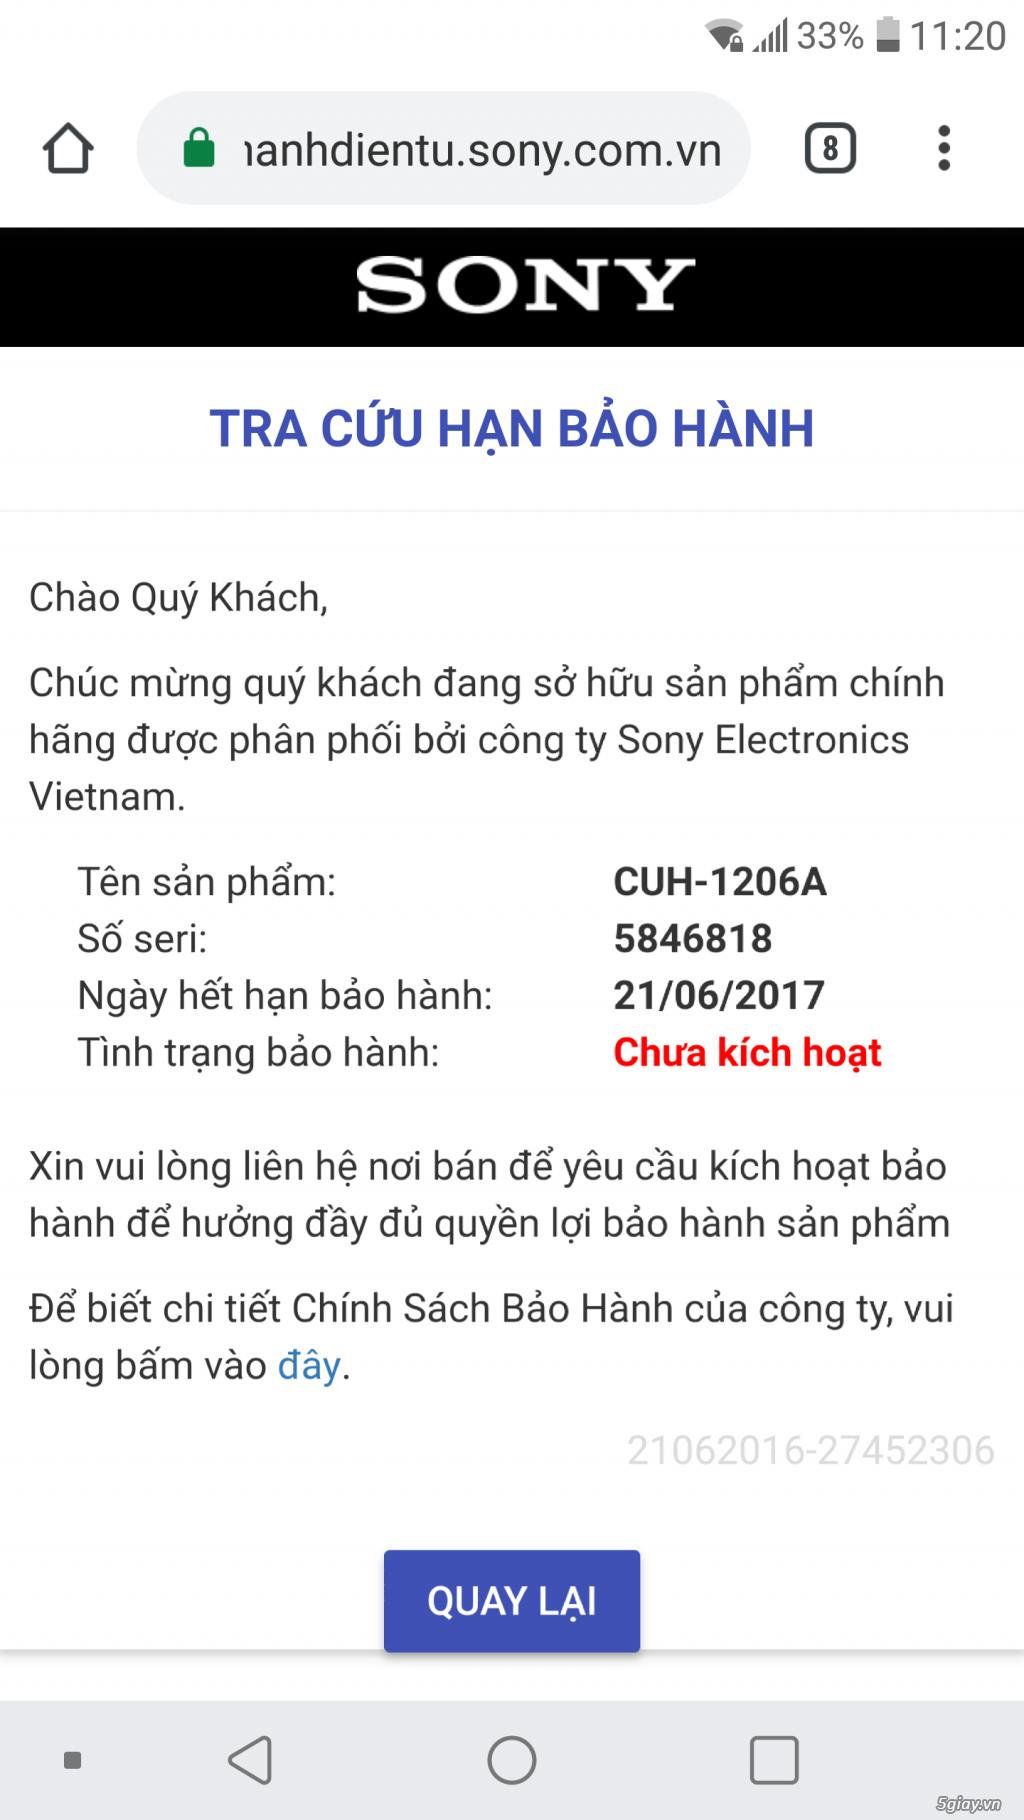 PS4 sony Việt Nam fullbox, 2 tay cầm kèm đĩa PES 2016 giá tốt - 3